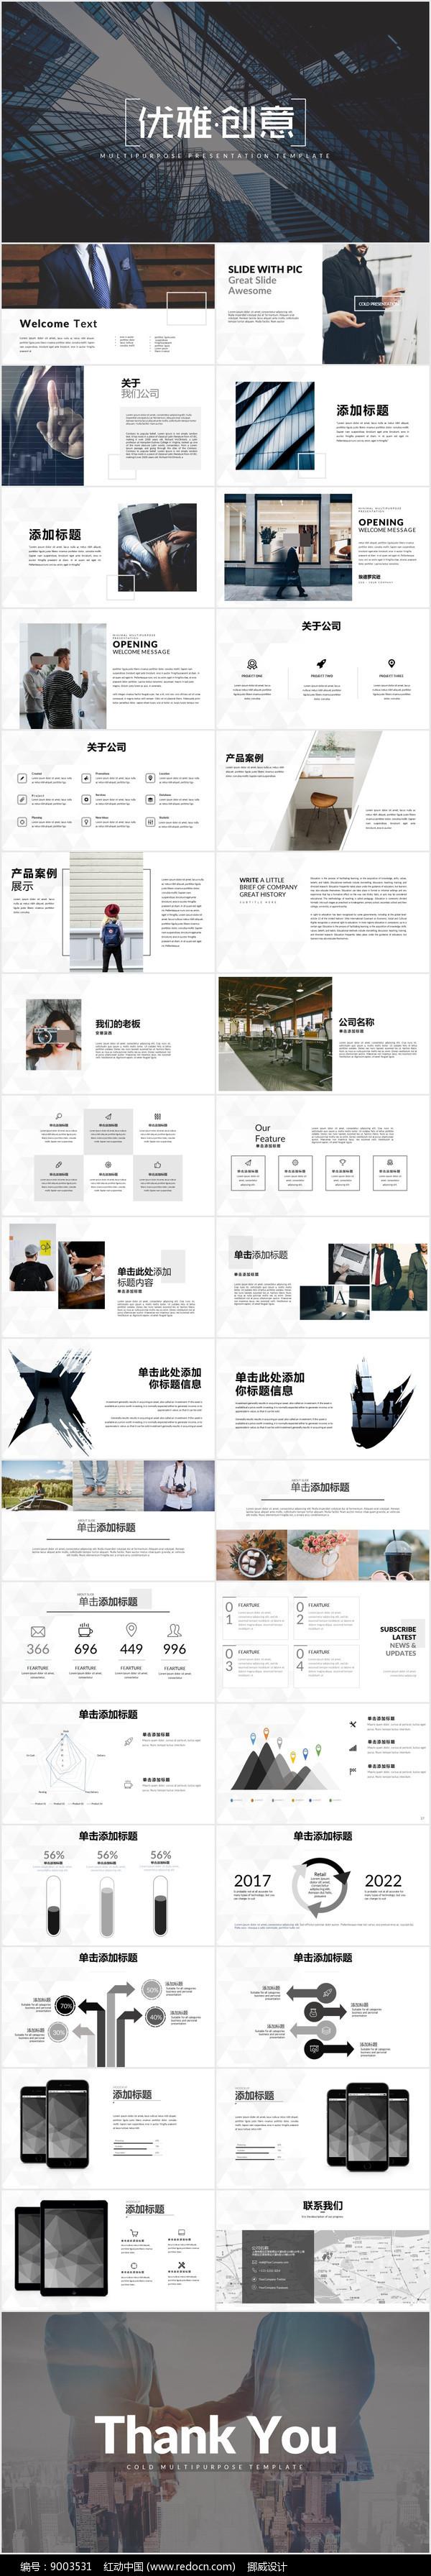 优雅创意企业简介商务PPT图片